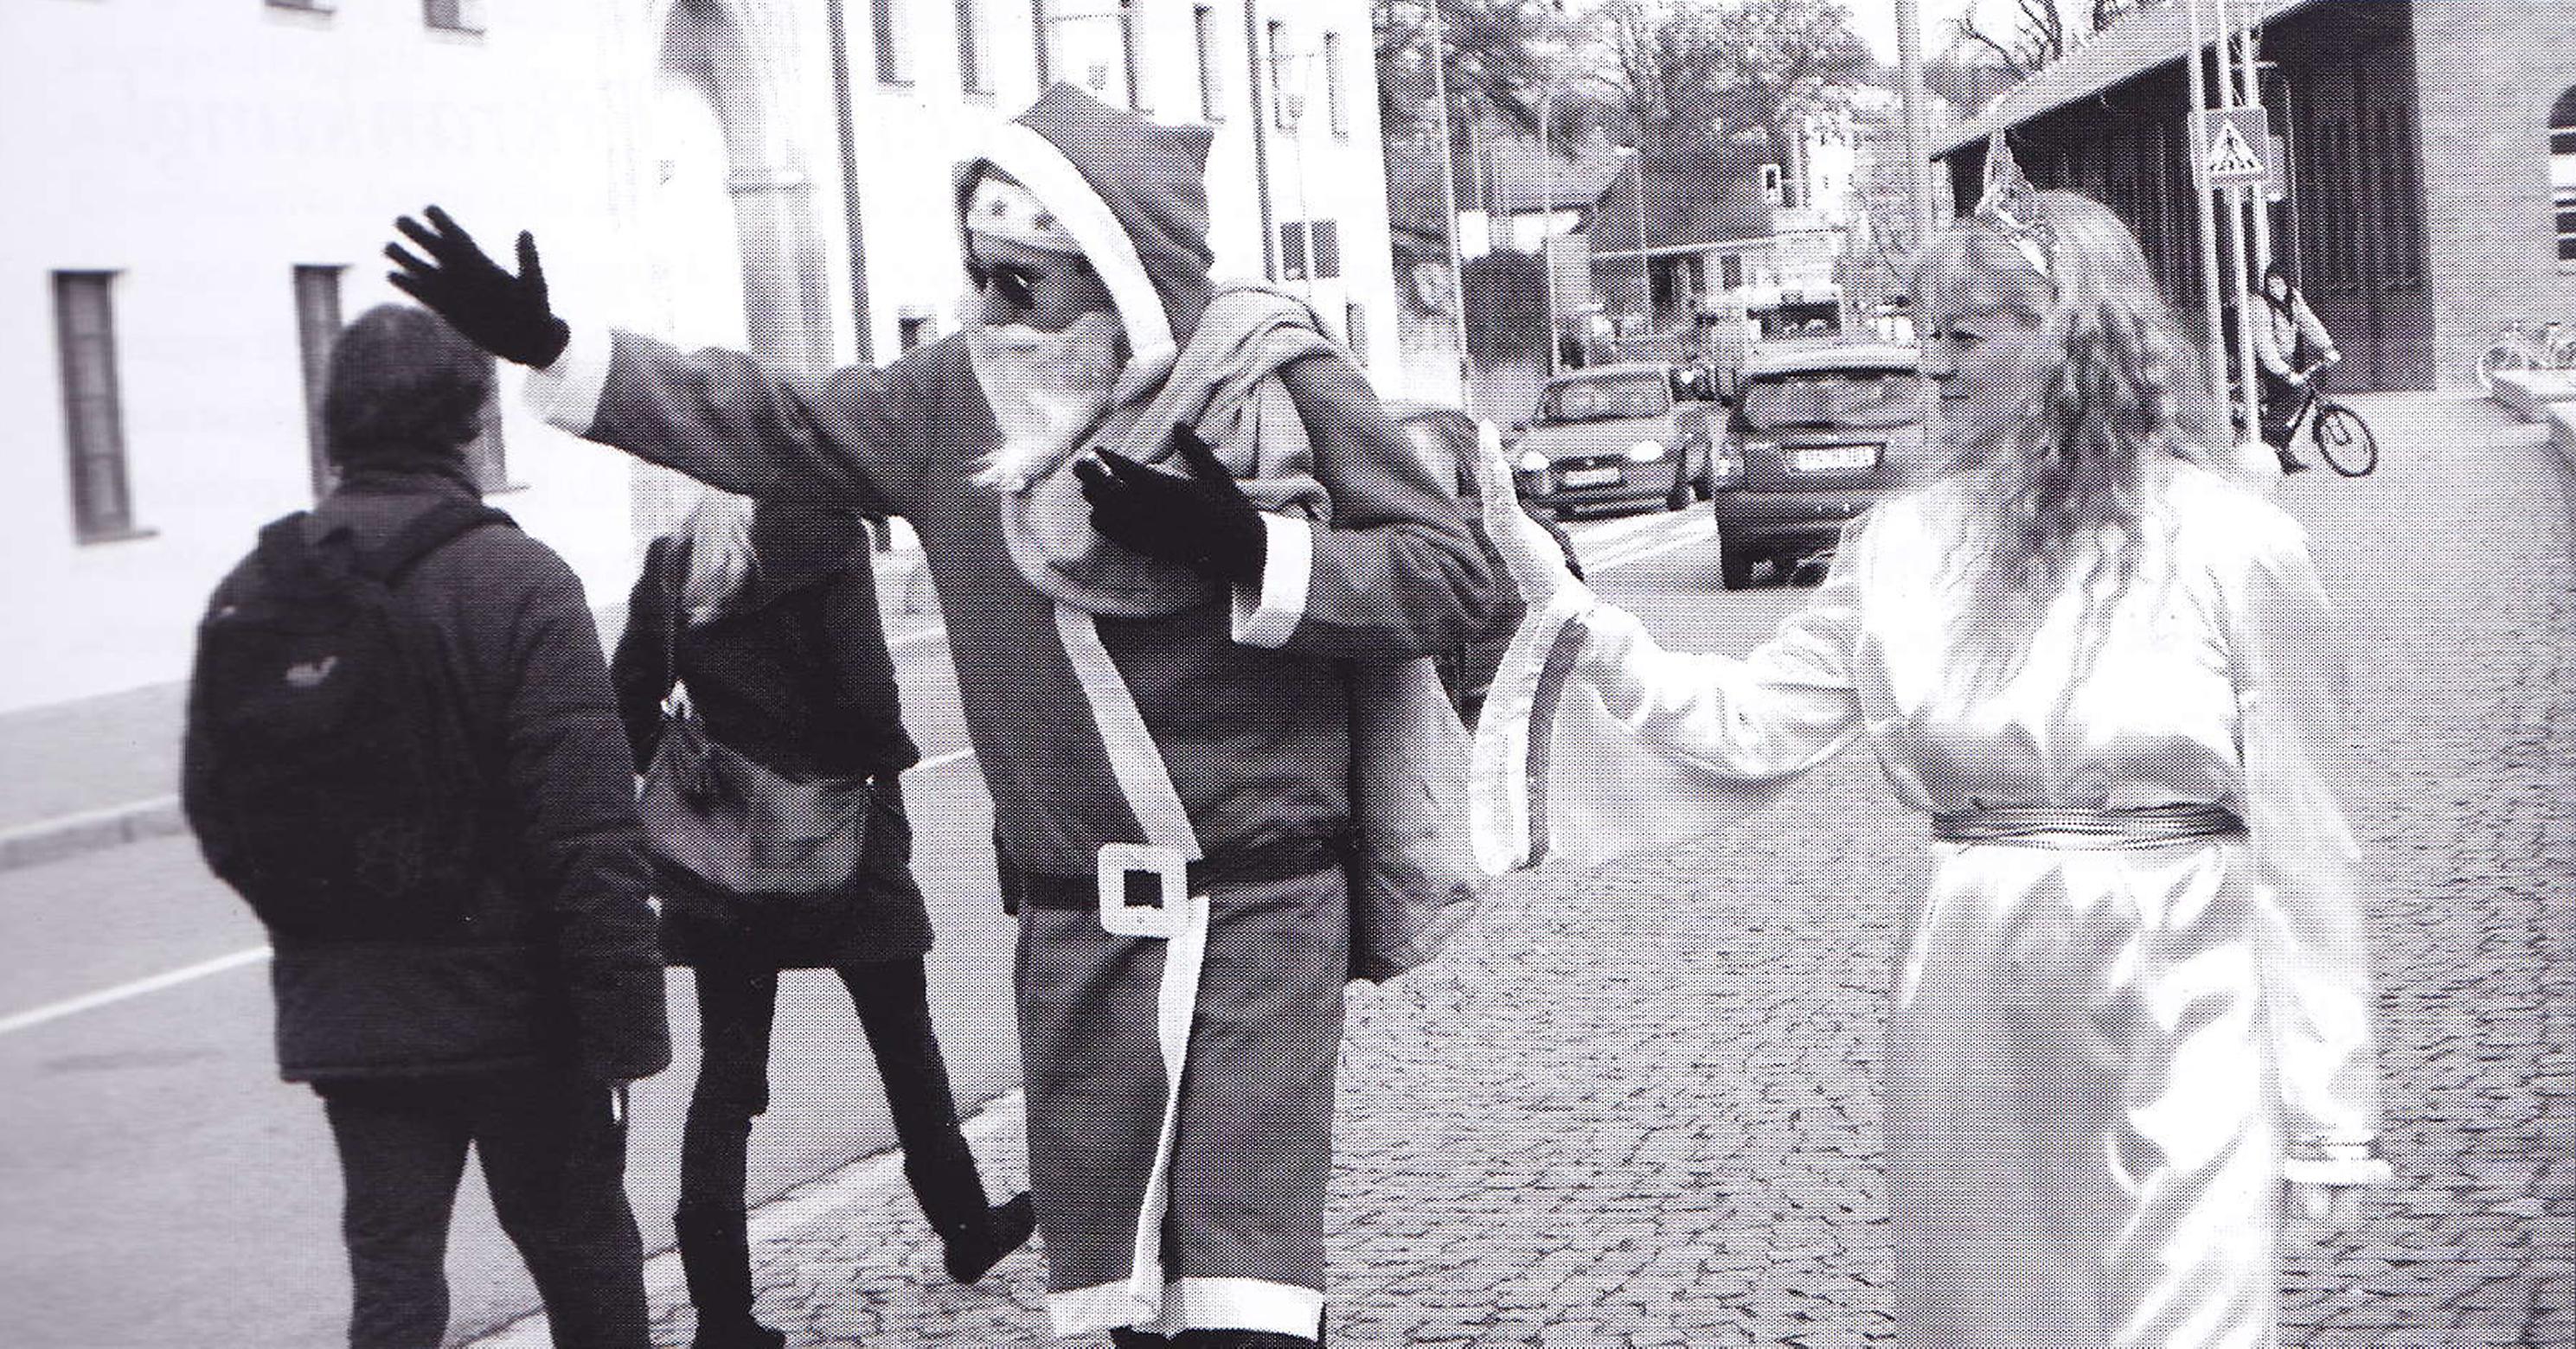 christkind-oder-weihnachtsmann